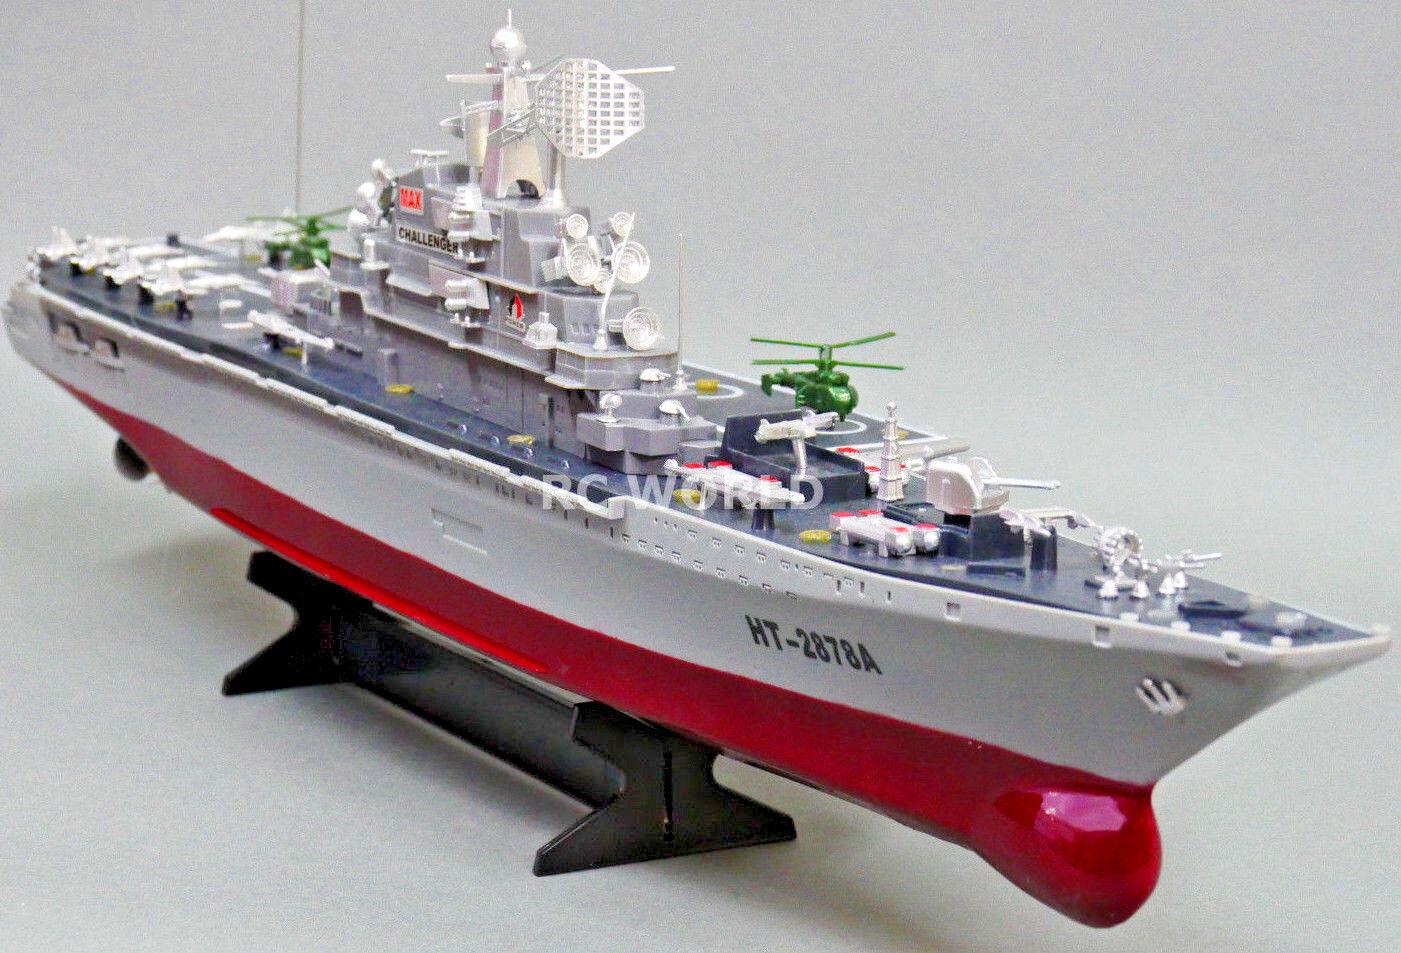 Barche Rc Blu Navy Radiocomando Aerei Porta Militare Nave 9.6V Doppie Motore Rtr